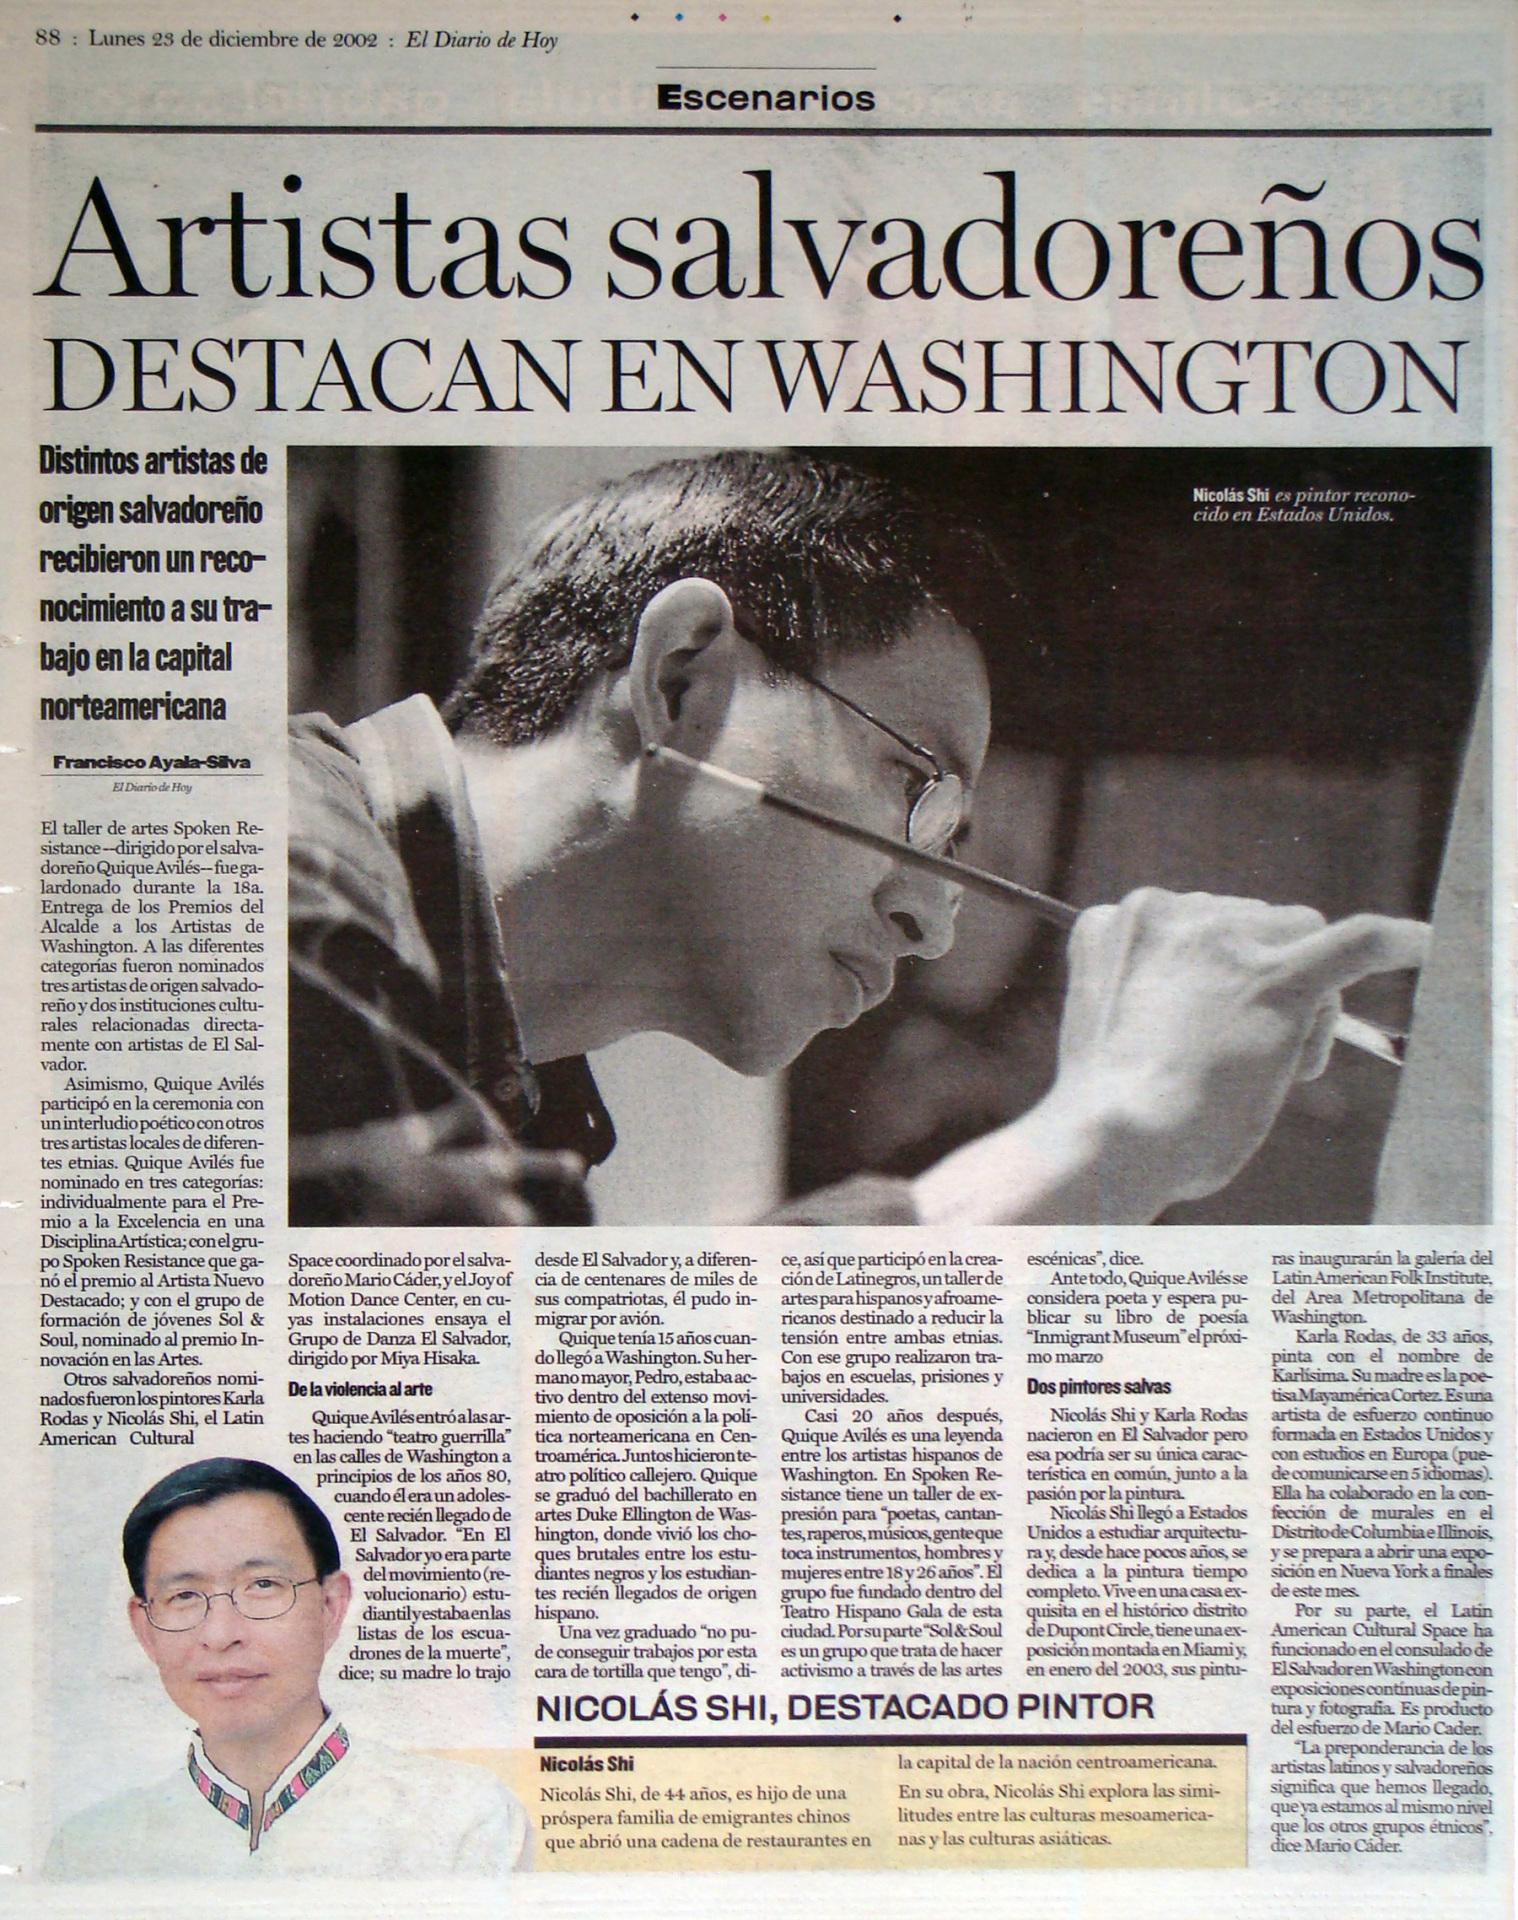 Artistas salvadorenos destacan en Washington